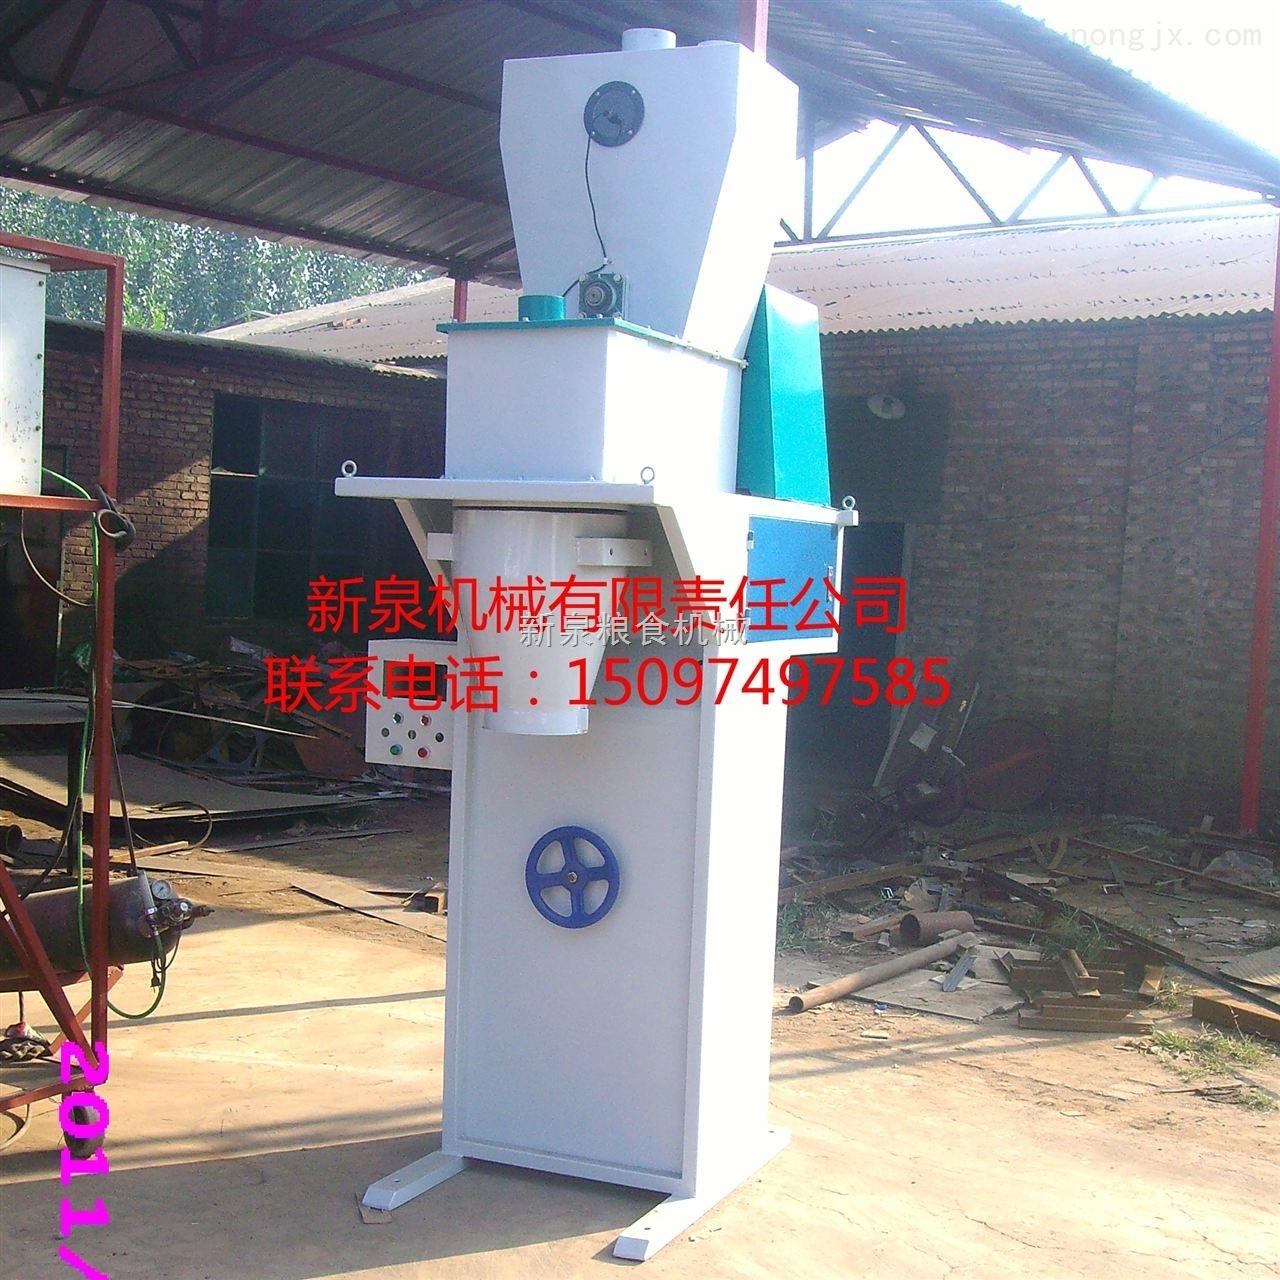 供应石灰粉自动包装称化工原料包装秤机